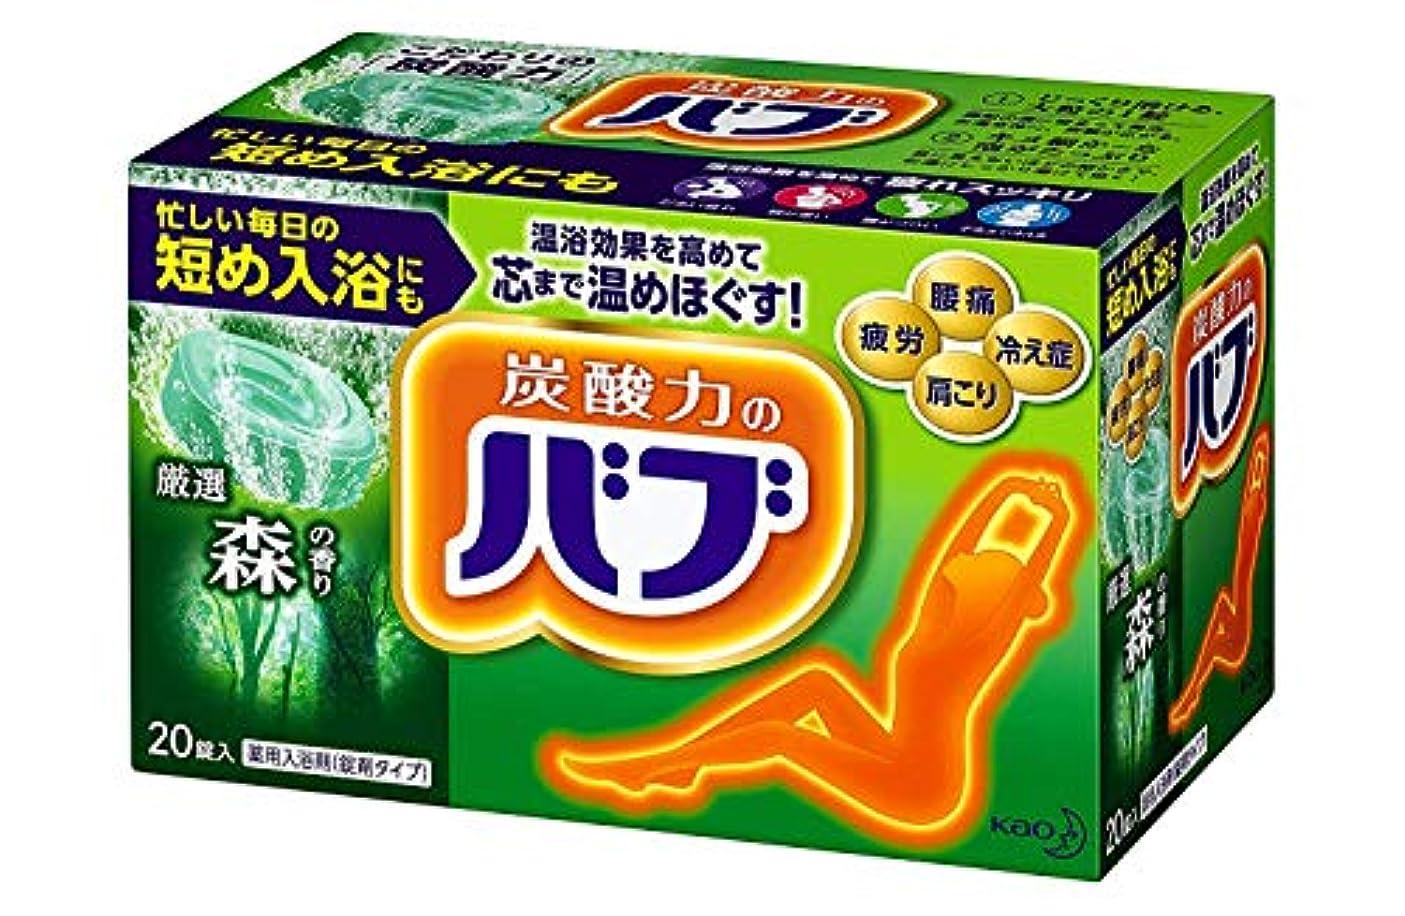 【花王】バブ 森の香り (20錠入) ×20個セット